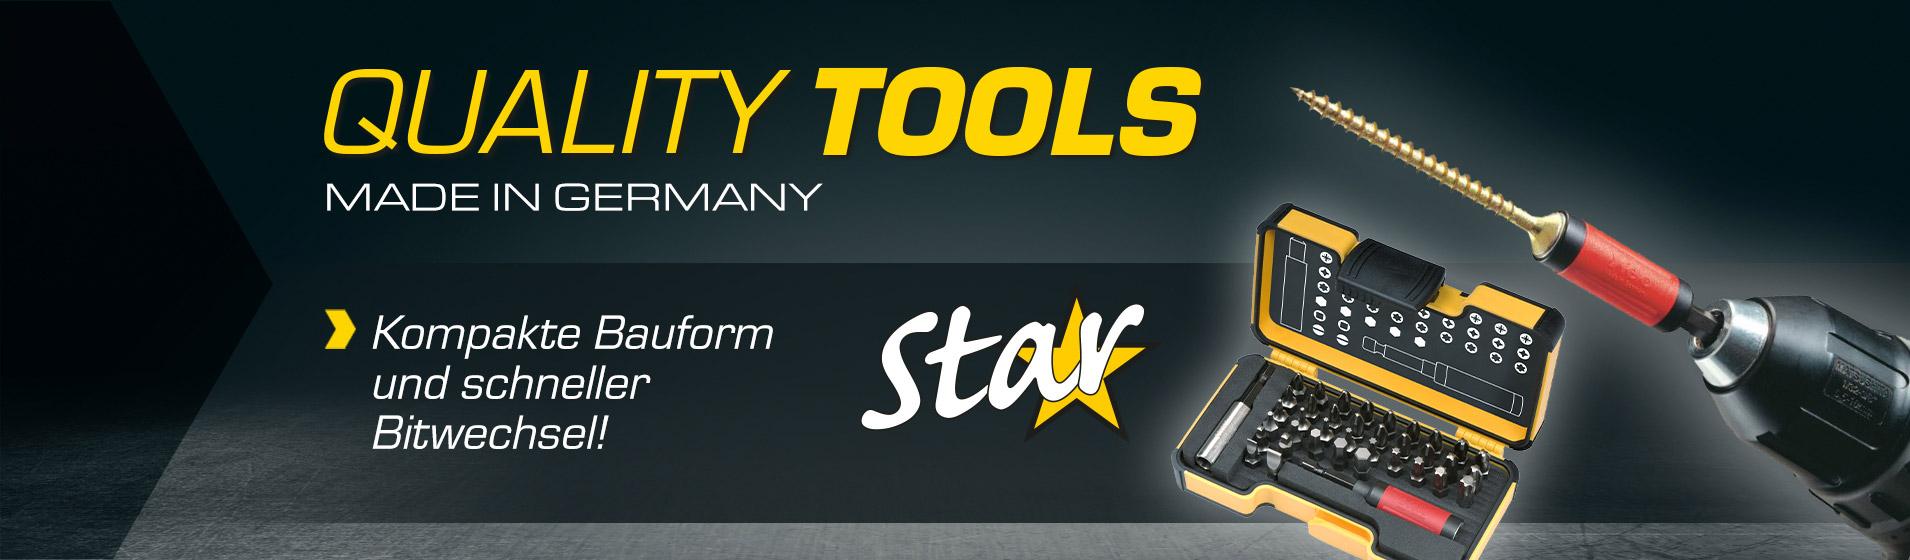 [Translate to RU:] FELO STAR - Kompakte Bauform und schneller Bitwechsel